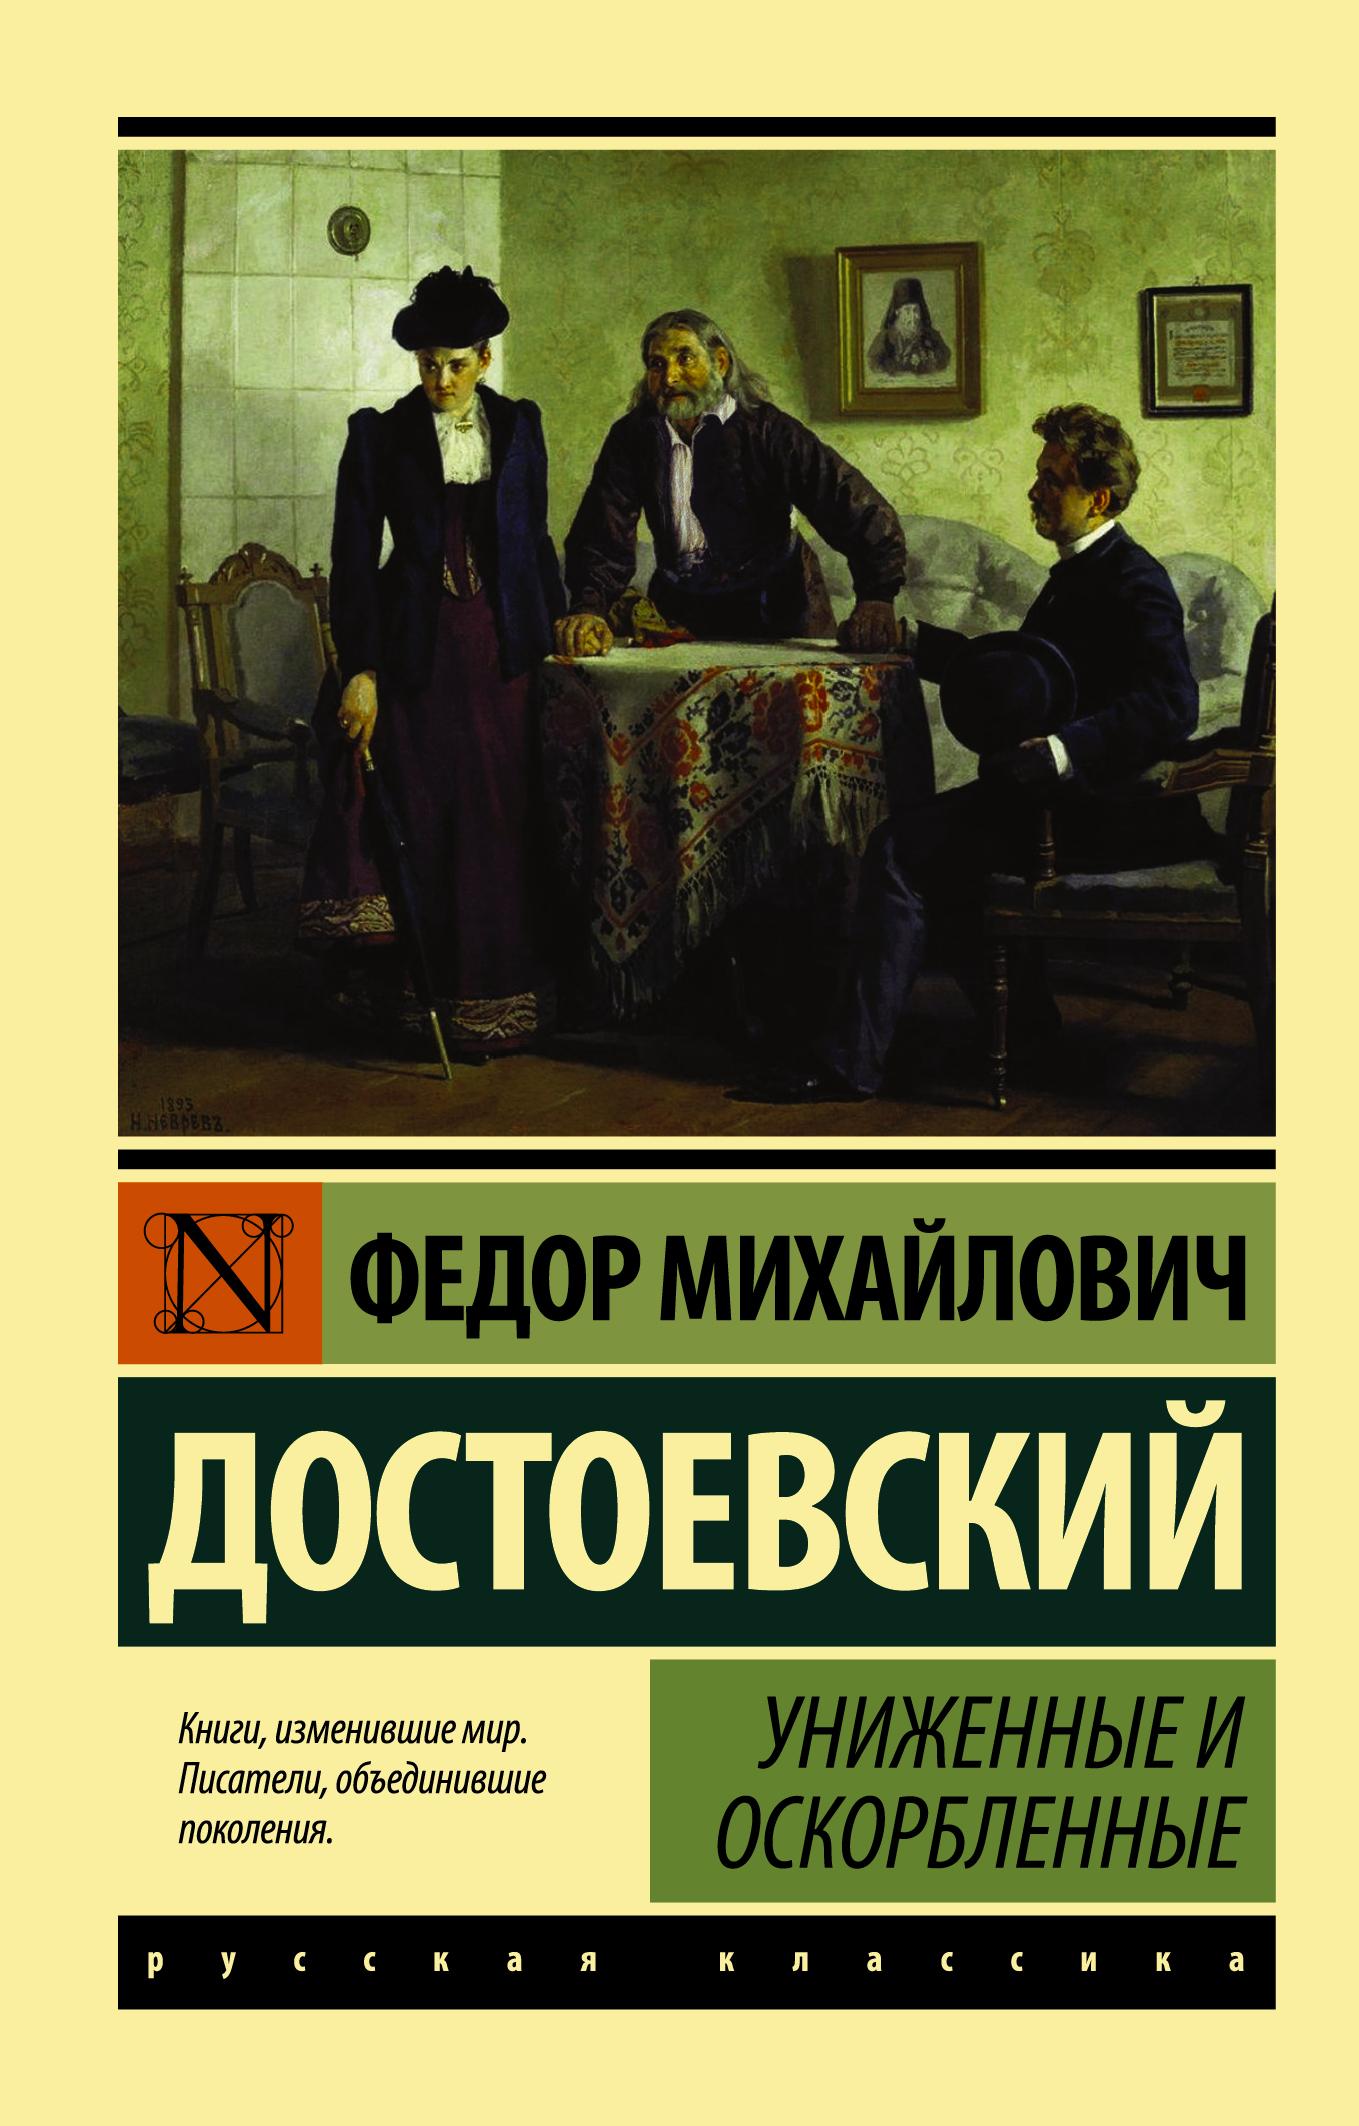 Картинки по запросу достоевский «Униженные и оскорблённые» картинки